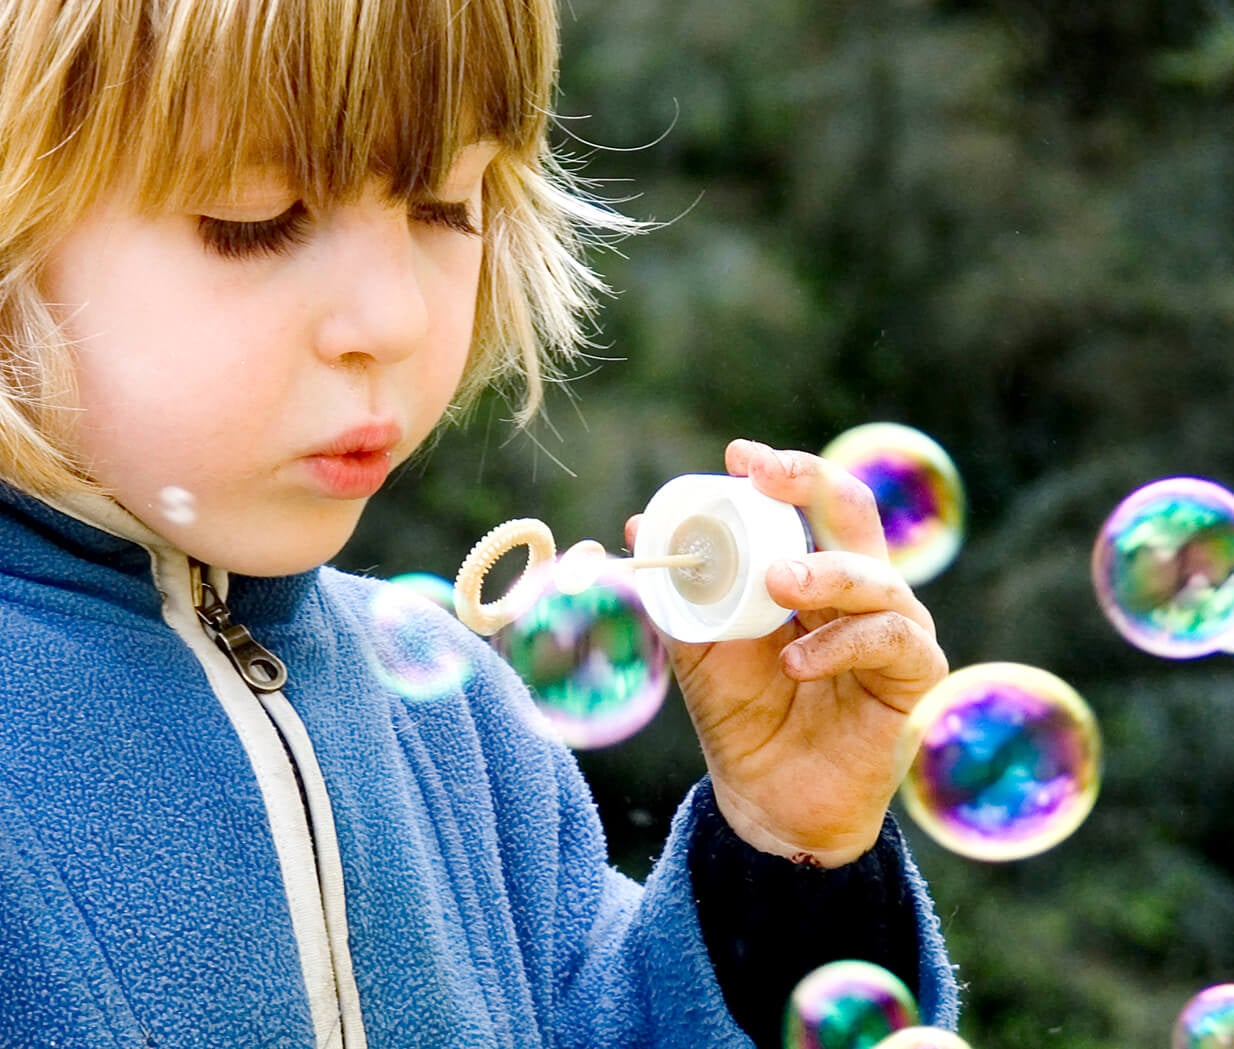 Los niños resilientes saben aprovechar las oportunidades